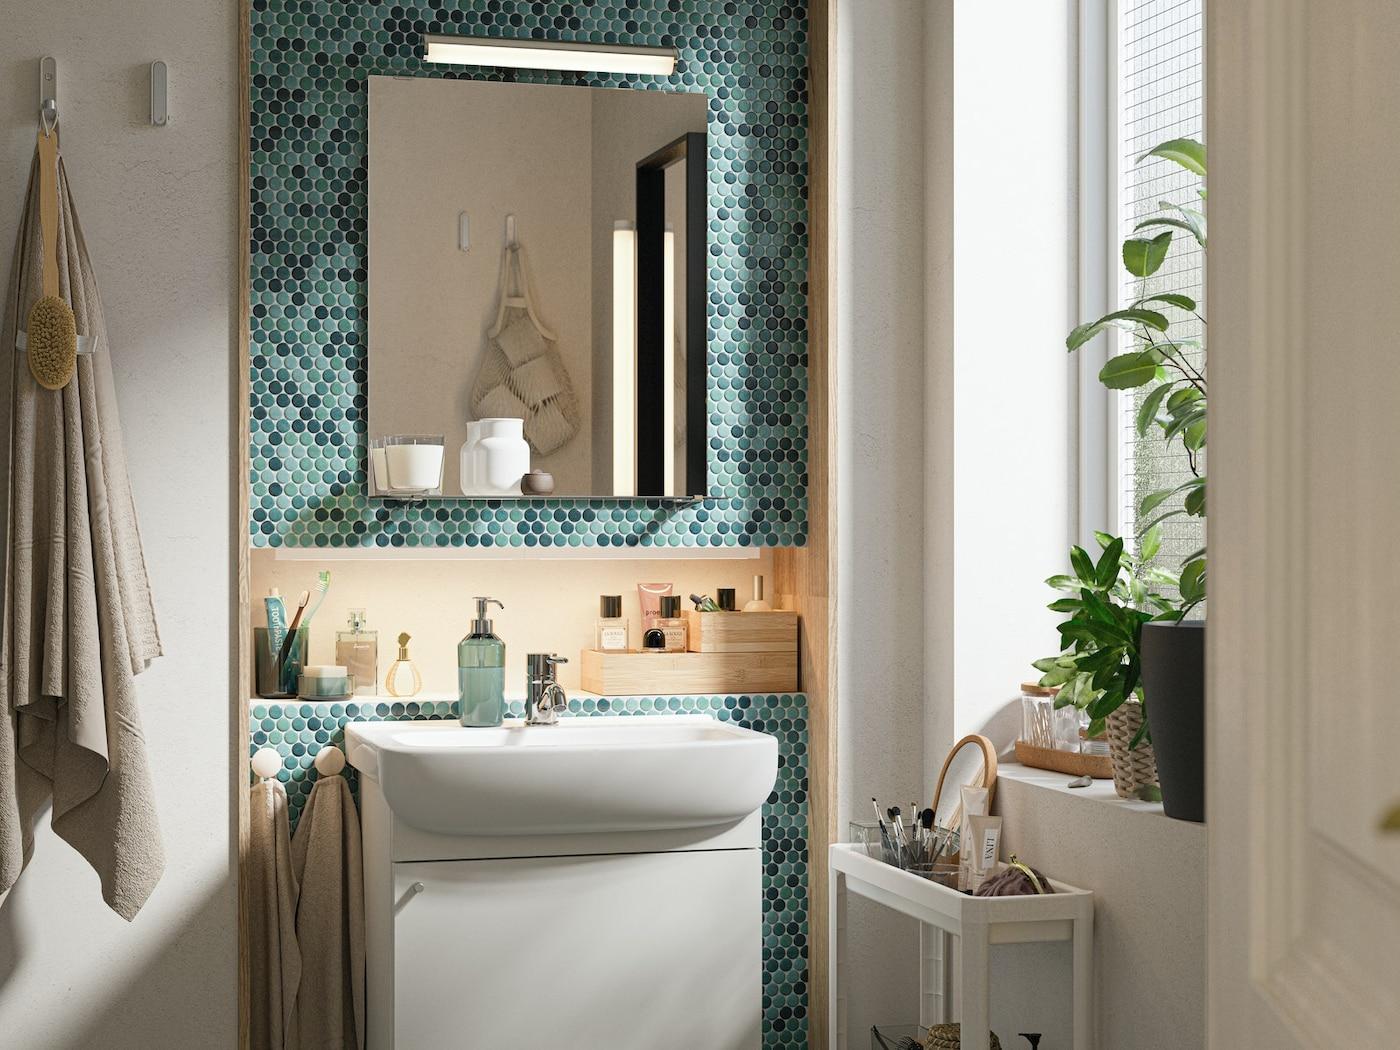 Une salle de bains aux carreaux verts, un ensemble de meubles de salle de bains blancs, un miroir avec une étagère, des plantes en pot sur un rebord de fenêtre.